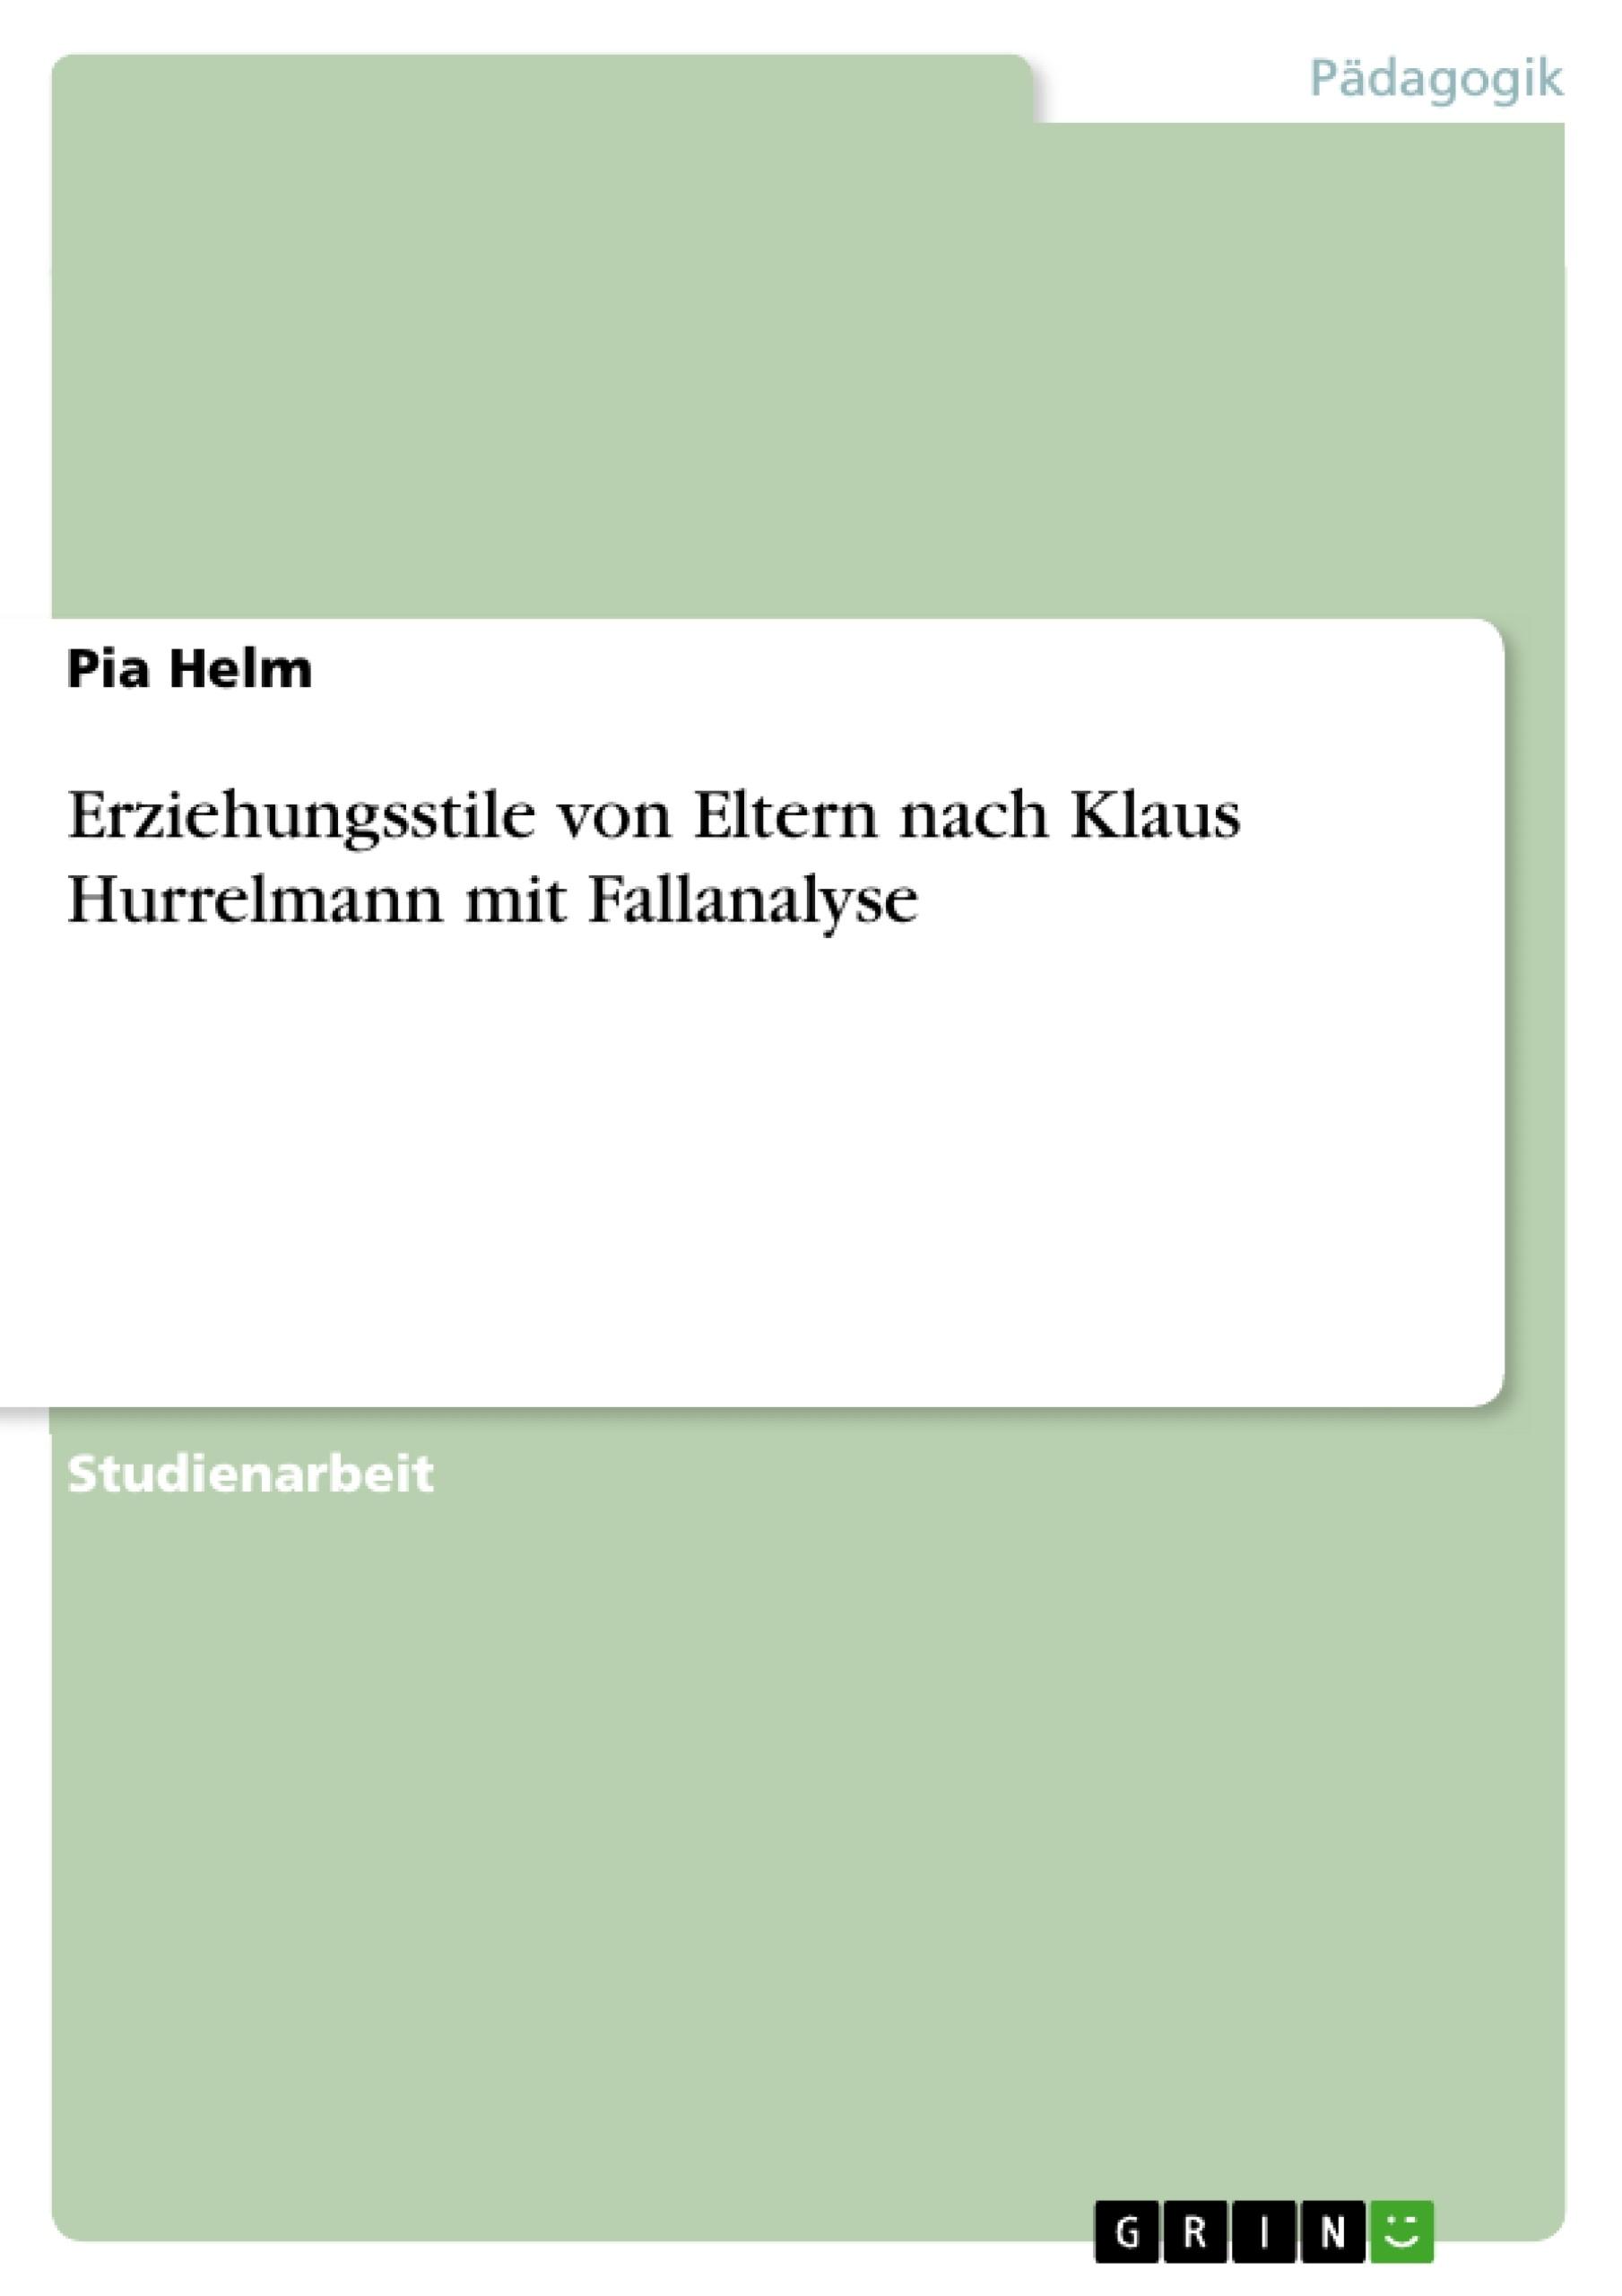 Titel: Erziehungsstile von Eltern nach Klaus Hurrelmann mit Fallanalyse